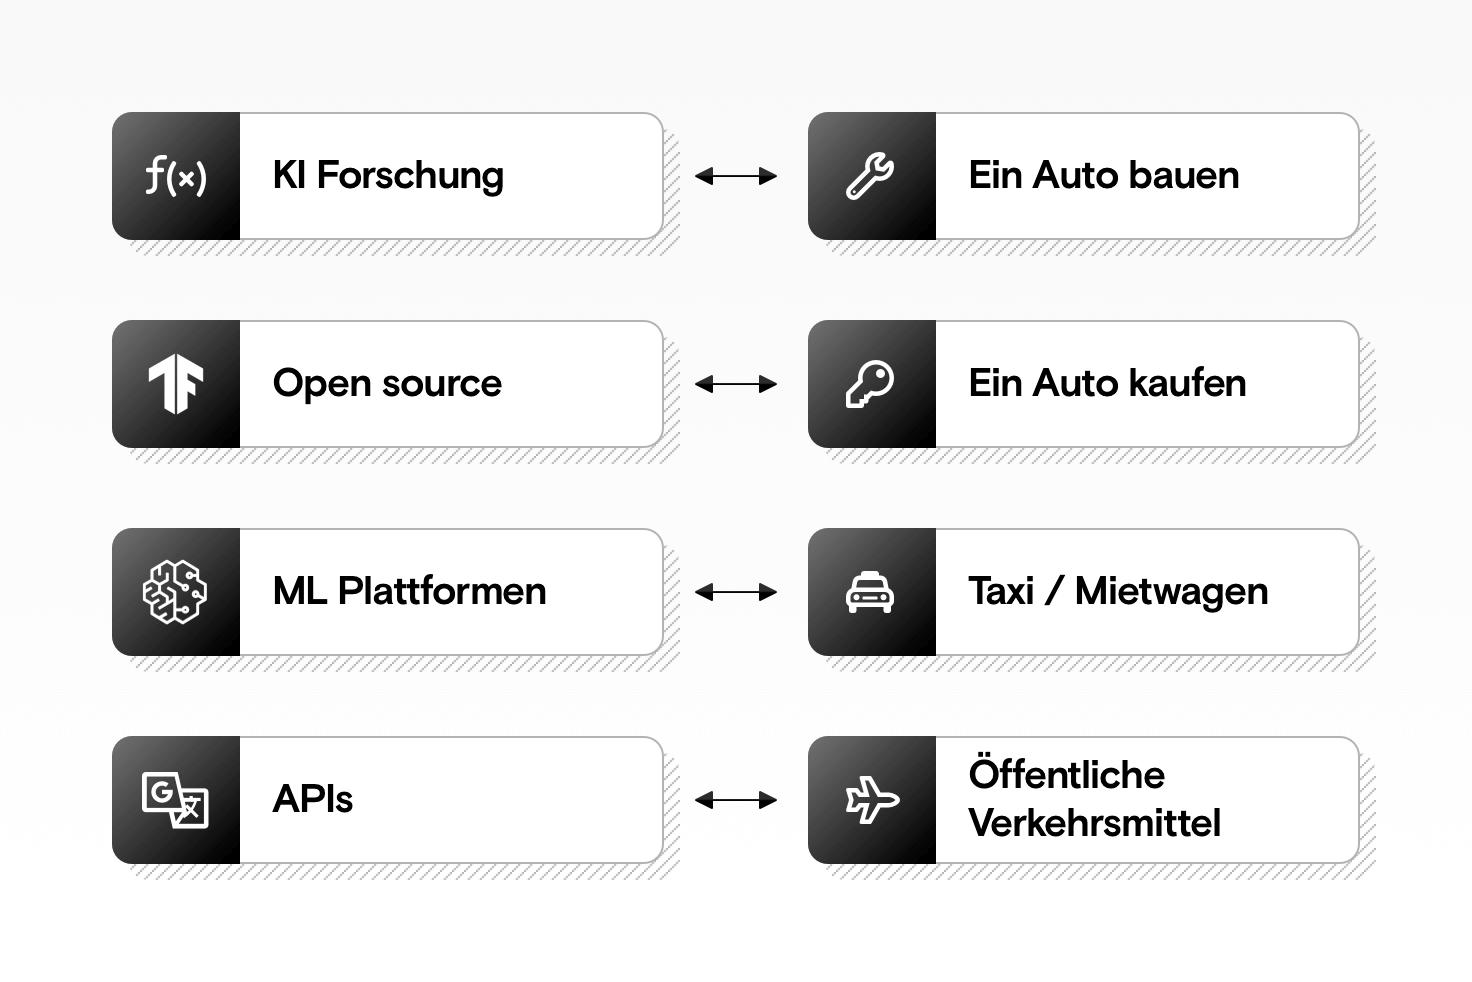 Ein Diagramm, das APIs, Machine Learning Plattformen, Open-Source-Frameworks und Forschung in Zusammenhang mit öffentlichen Verkehrsmitteln, Taxis, dem Besitz und dem Bau eines Autos setzt.